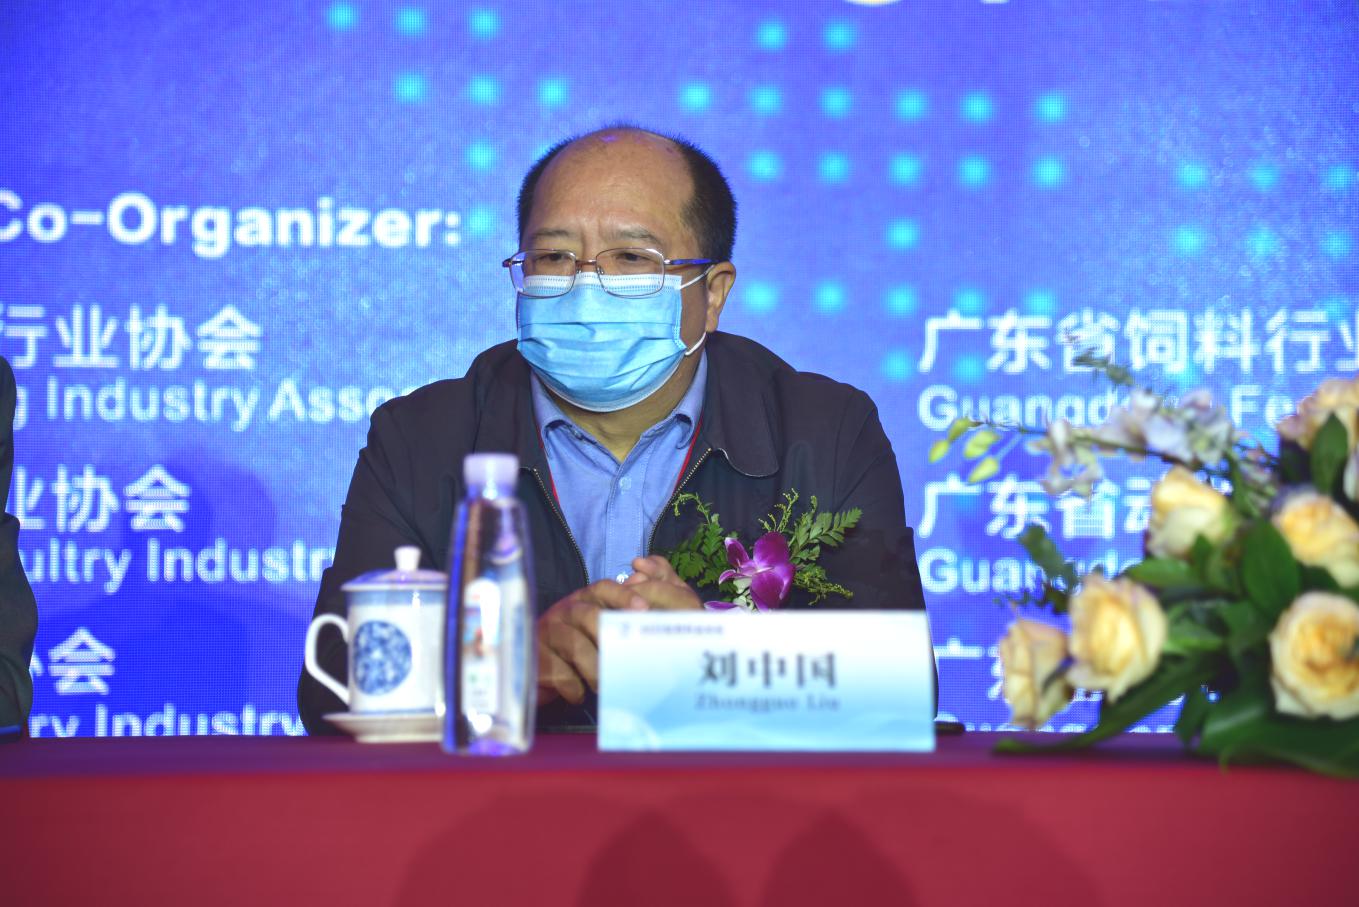 广东省农业农村厅种业管理处刘中国处长